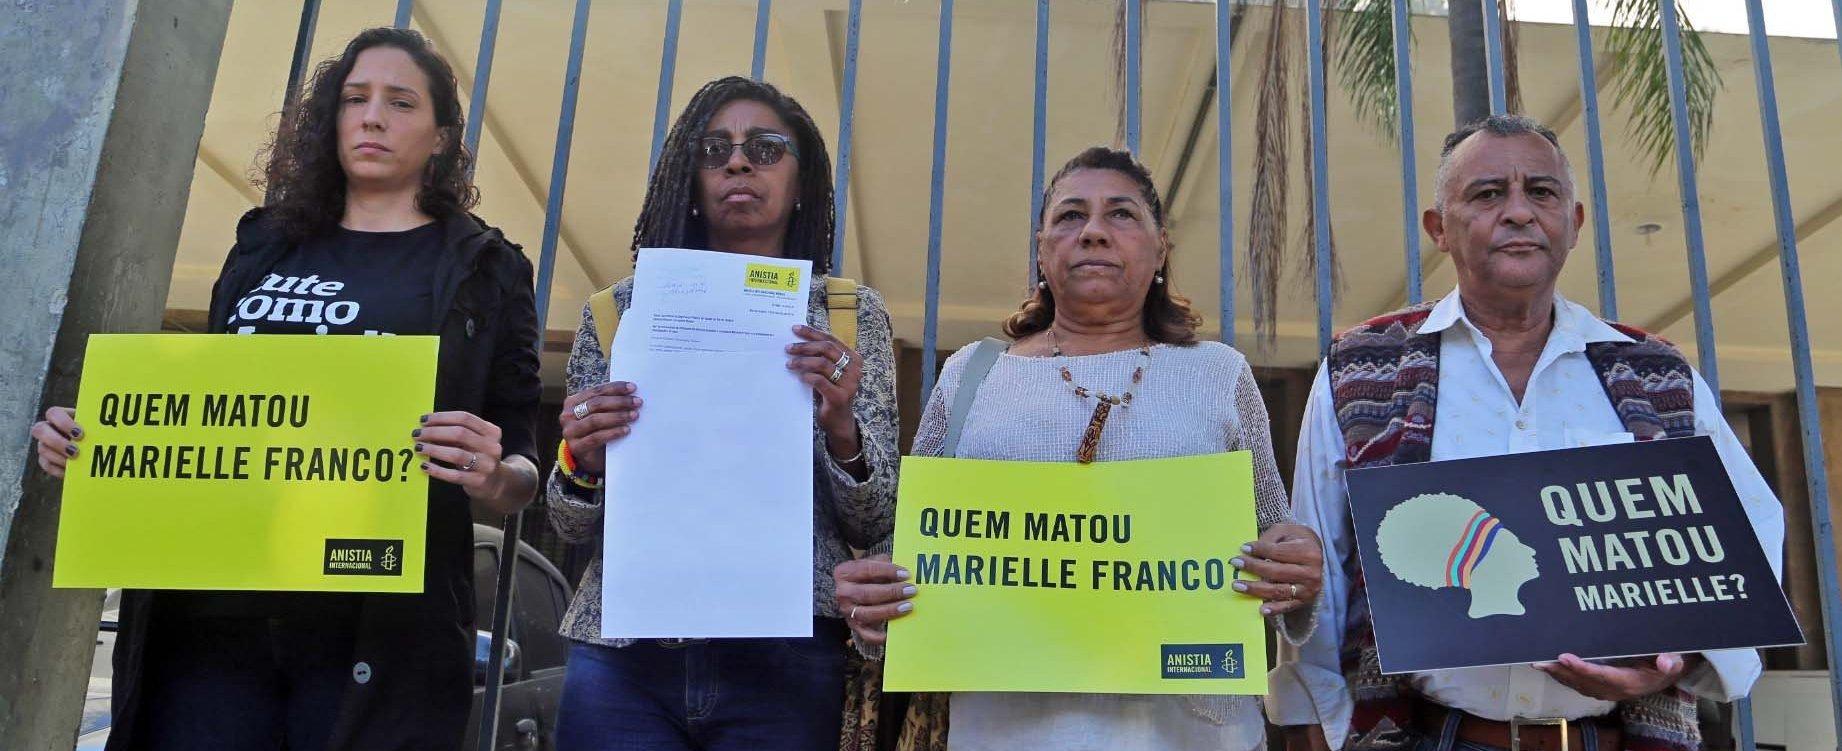 Monica Benício, viúva de Marielle Franco, Jurema Werneck, dir. executiva da Anistia Internacional Brasil, Marinete da Silva e Antonio Francisco da Silva Neto, mãe e pai da defensora de direitos humanos e vereadora na Secretaria de Estado de Segurança do Rio de Janeiro.